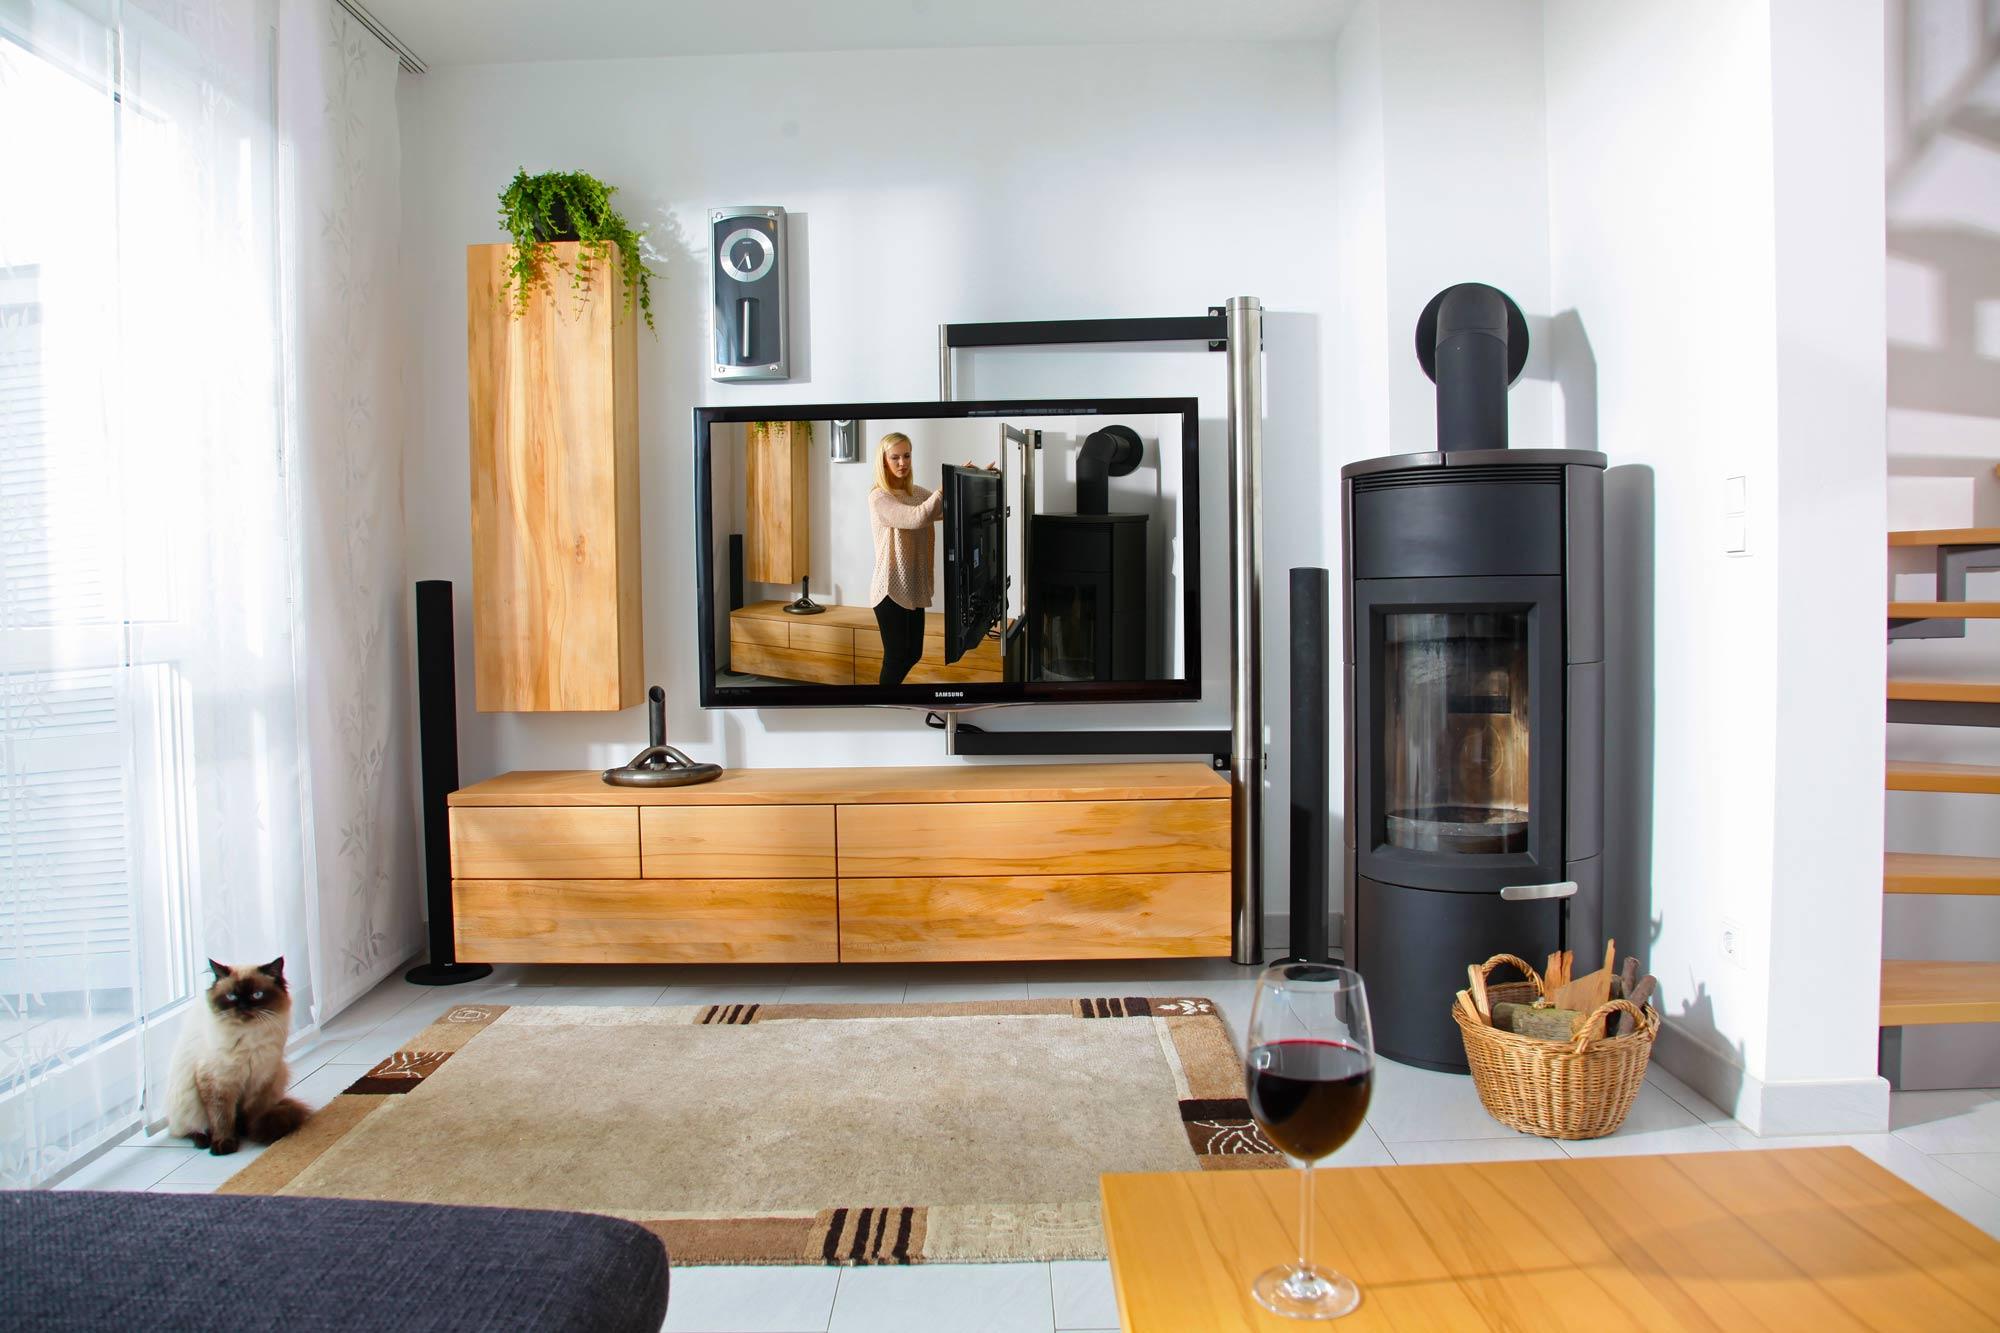 wohnzimmer in nass gelagerter buche mit tv schwenkarm und jasmin das nachhaltigkeitsblog der. Black Bedroom Furniture Sets. Home Design Ideas